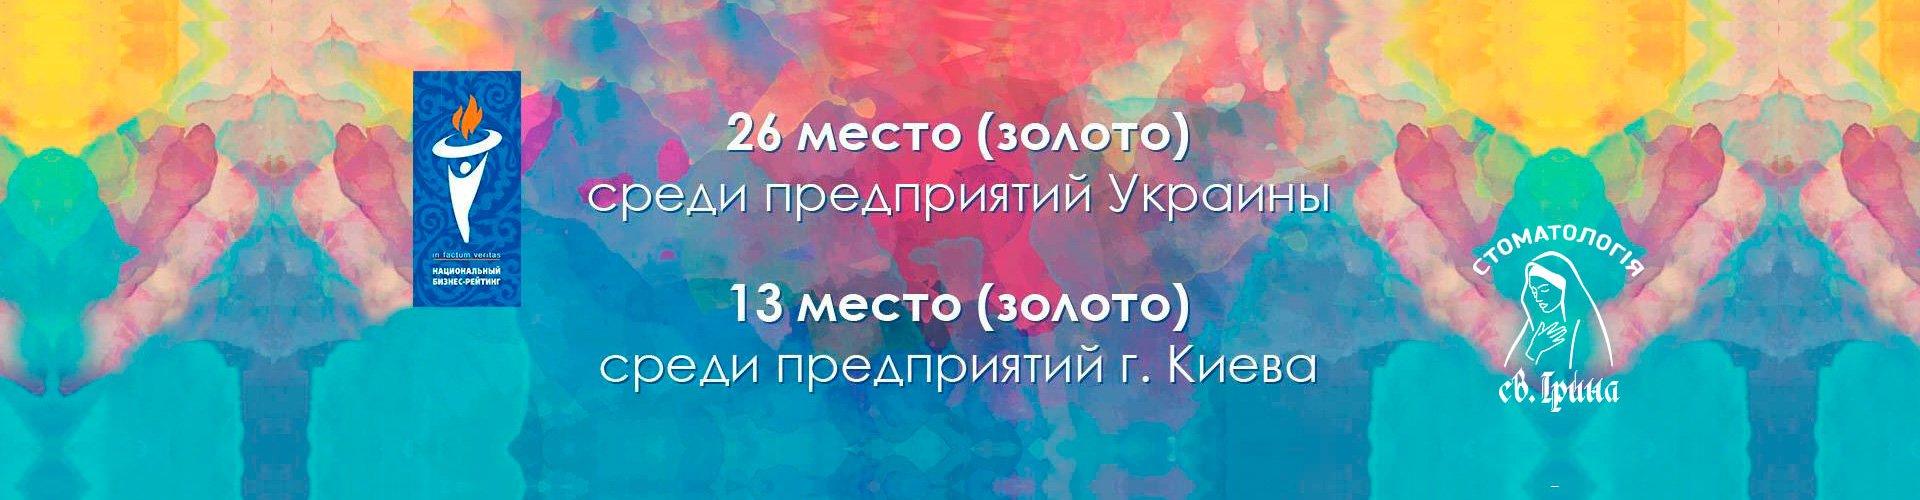 Нагороди клініки Св.Ірина серед підприємств Украіни та серед підприємсв м. Києва